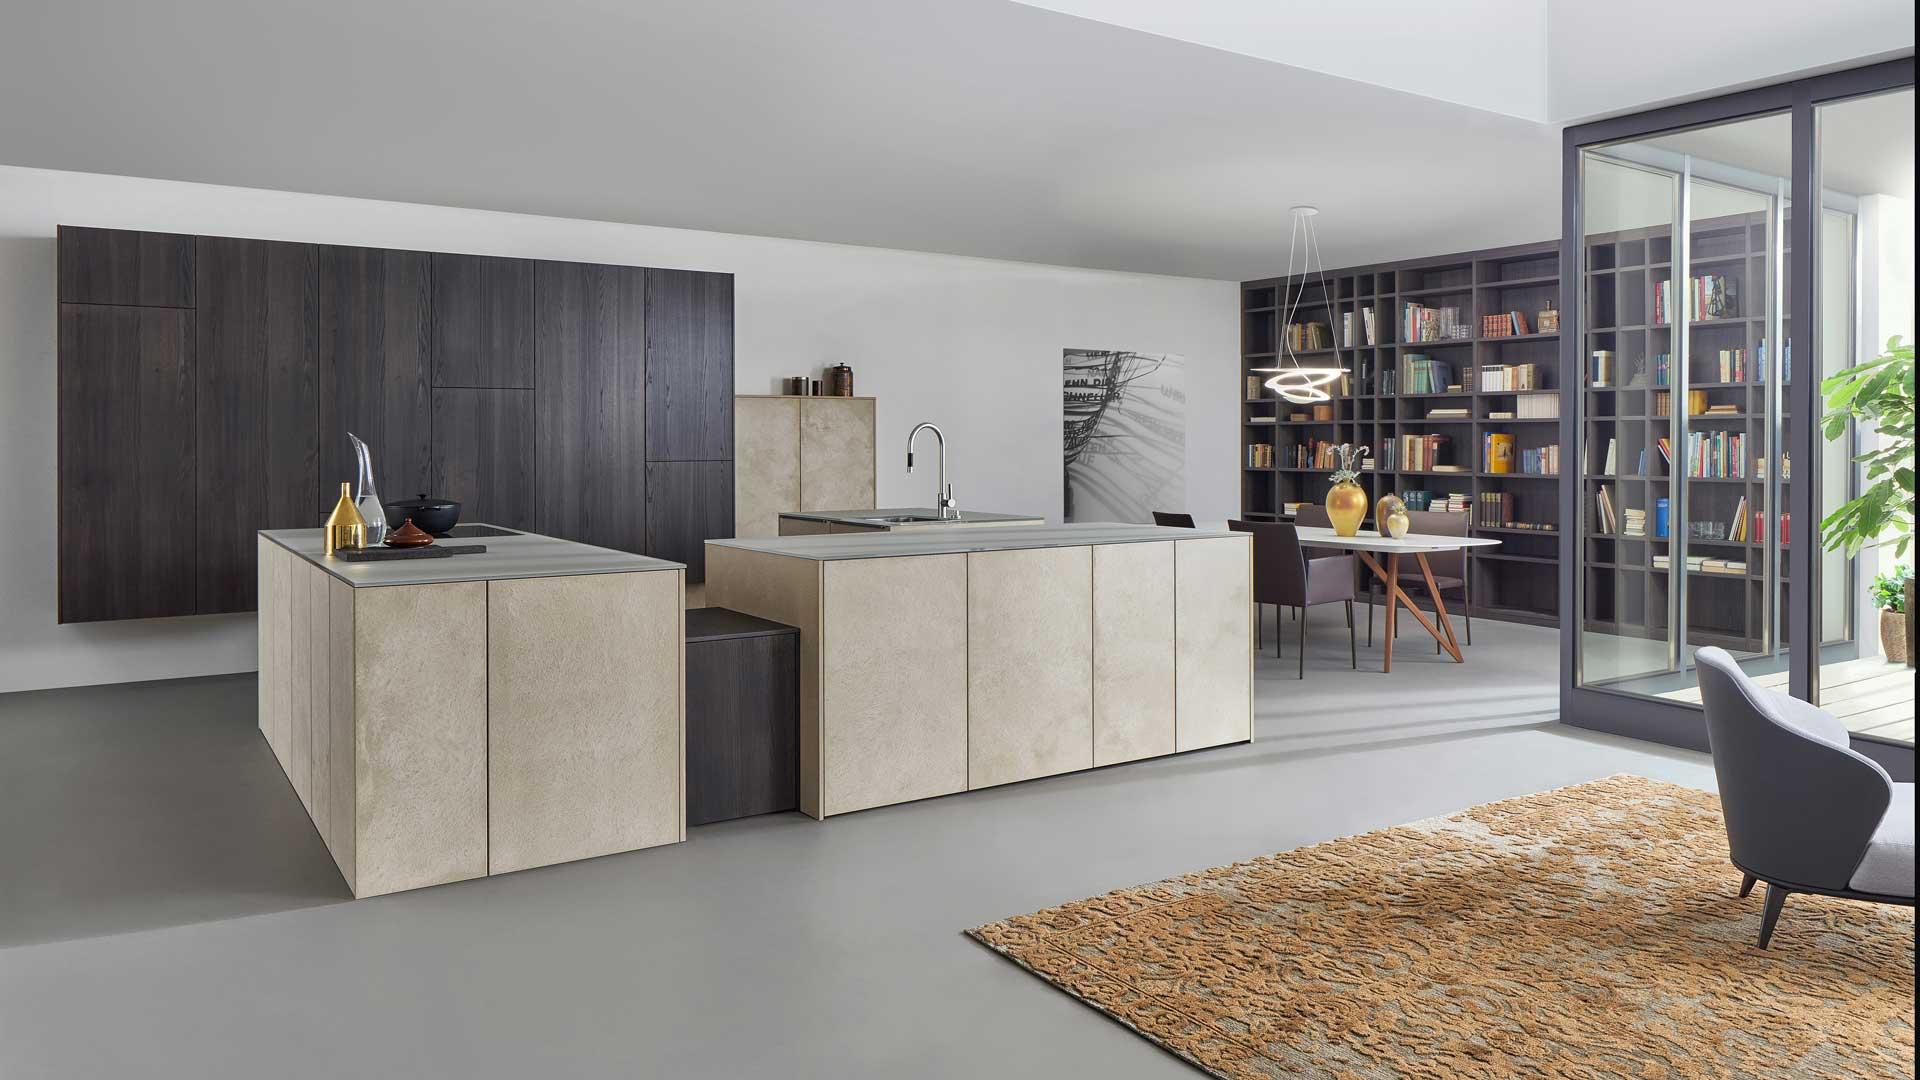 Leicht Küche Keramik und Holz bei Miele Center Ebner & Spuller in Graz